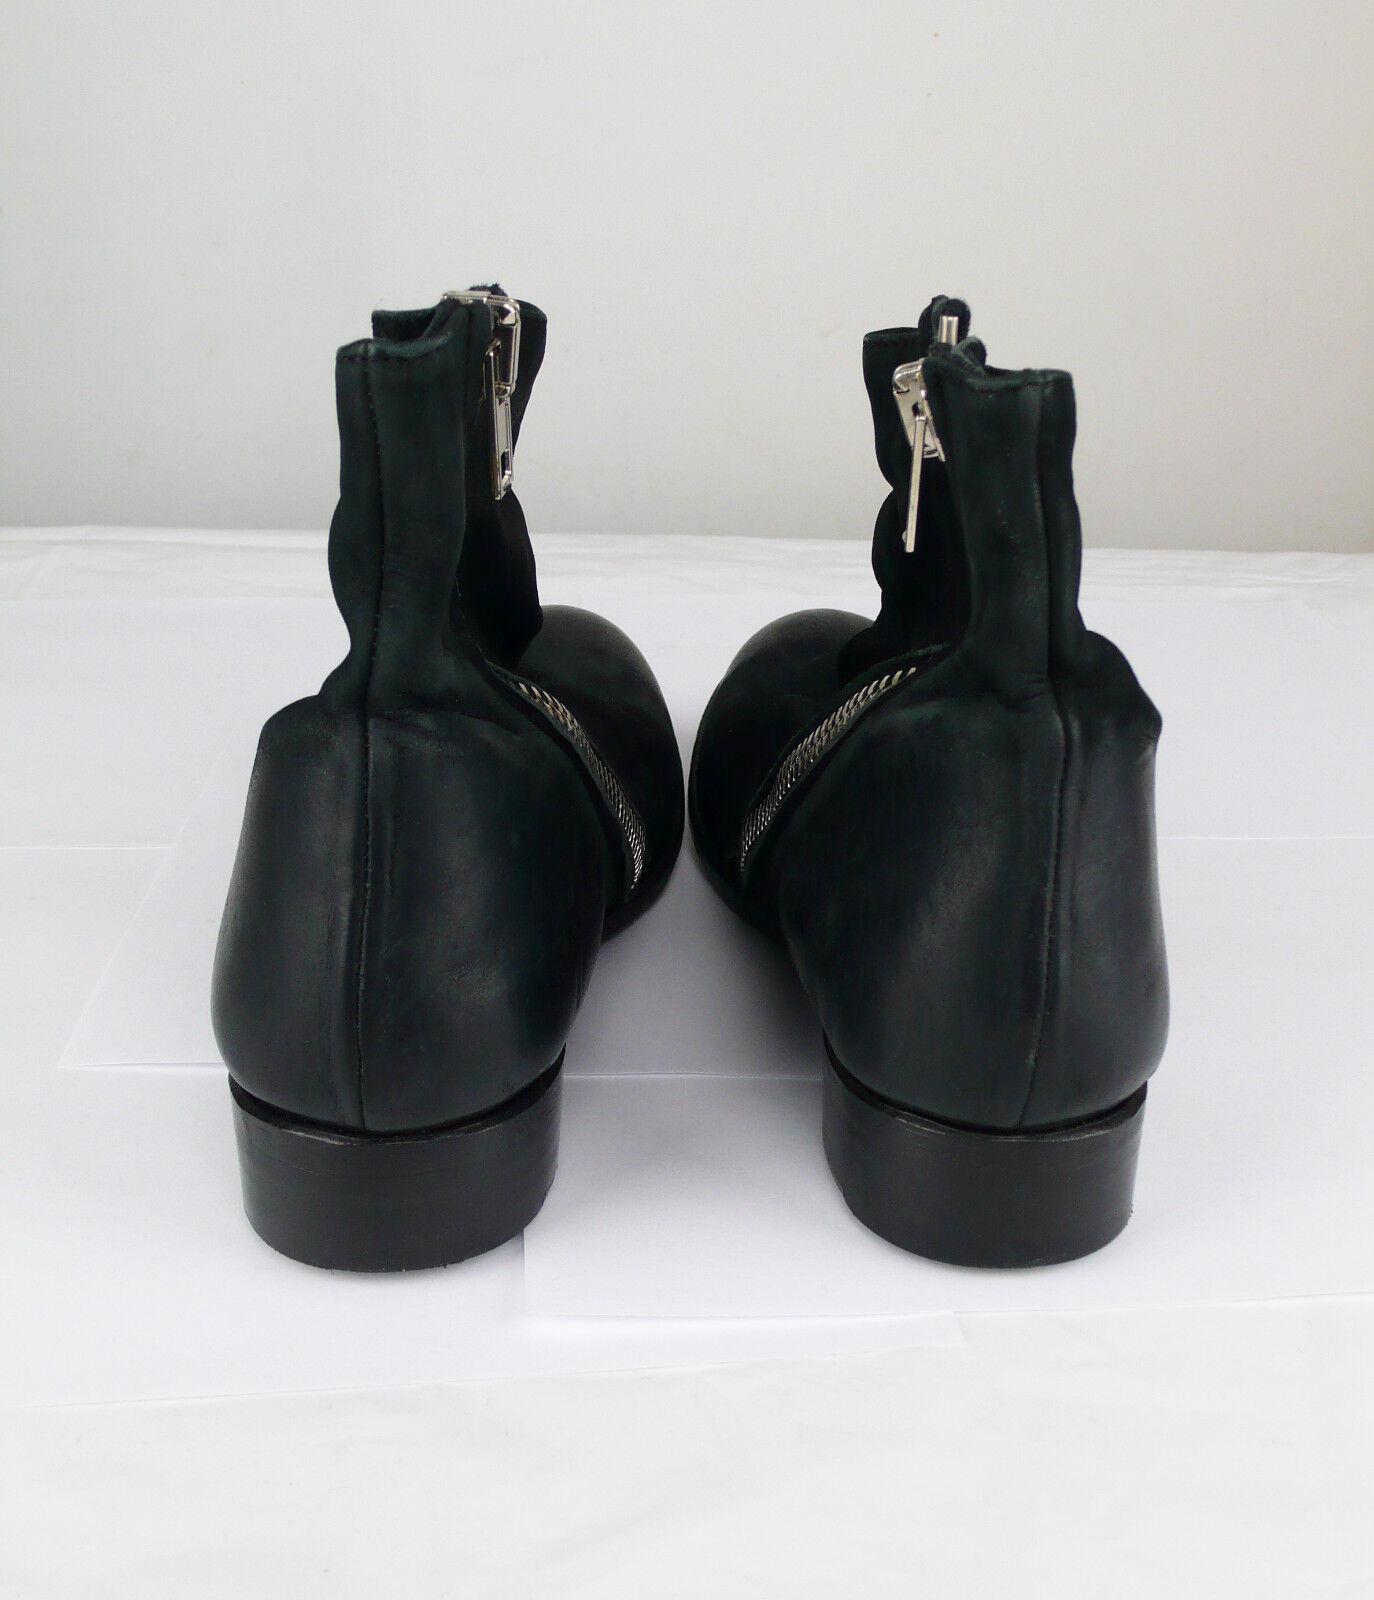 La última conspiración Negro Cuero Para 6.5 Mujeres botas Zapatos, Talla 6.5 Para Nuevo En Caja 0d410f